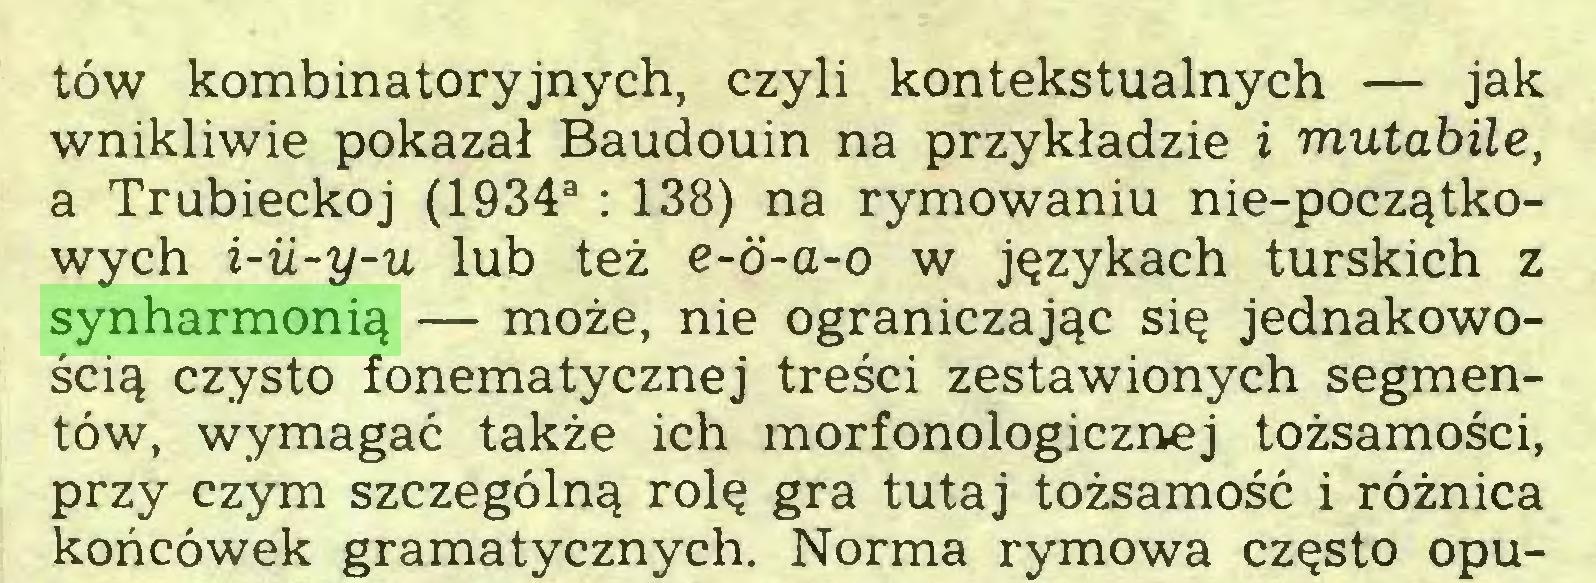 (...) tów kombinatoryjnych, czyli kontekstualnych — jak wnikliwie pokazał Baudouin na przykładzie i mutabile, a Trubieckoj (1934a : 138) na rymowaniu nie-początkowych i-u-y-u lub też e-d-a-o w językach turskich z synharmonią — może, nie ograniczając się jednakowością czysto fonematycznej treści zestawionych segmentów, wymagać także ich morfonologicznej tożsamości, przy czym szczególną rolę gra tutaj tożsamość i różnica końcówek gramatycznych. Norma rymowa często opu...